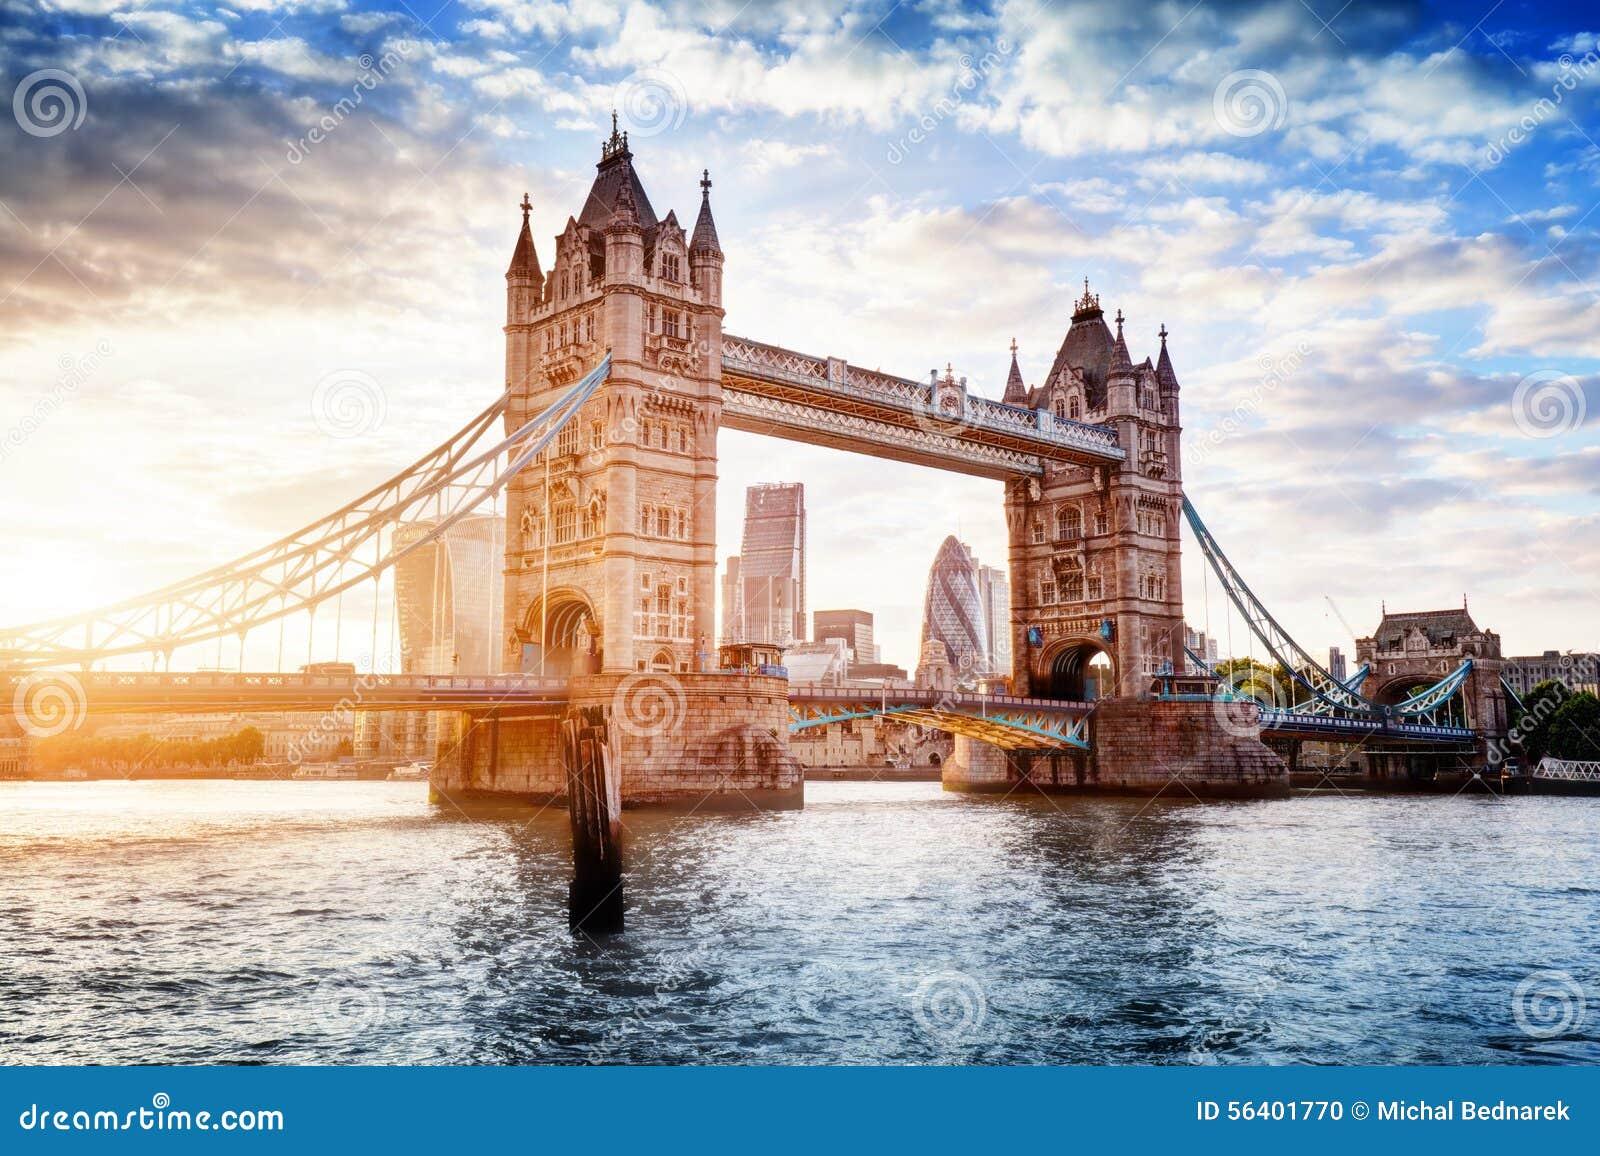 Tower Bridge in London, the UK at sunset. Drawbridge opening